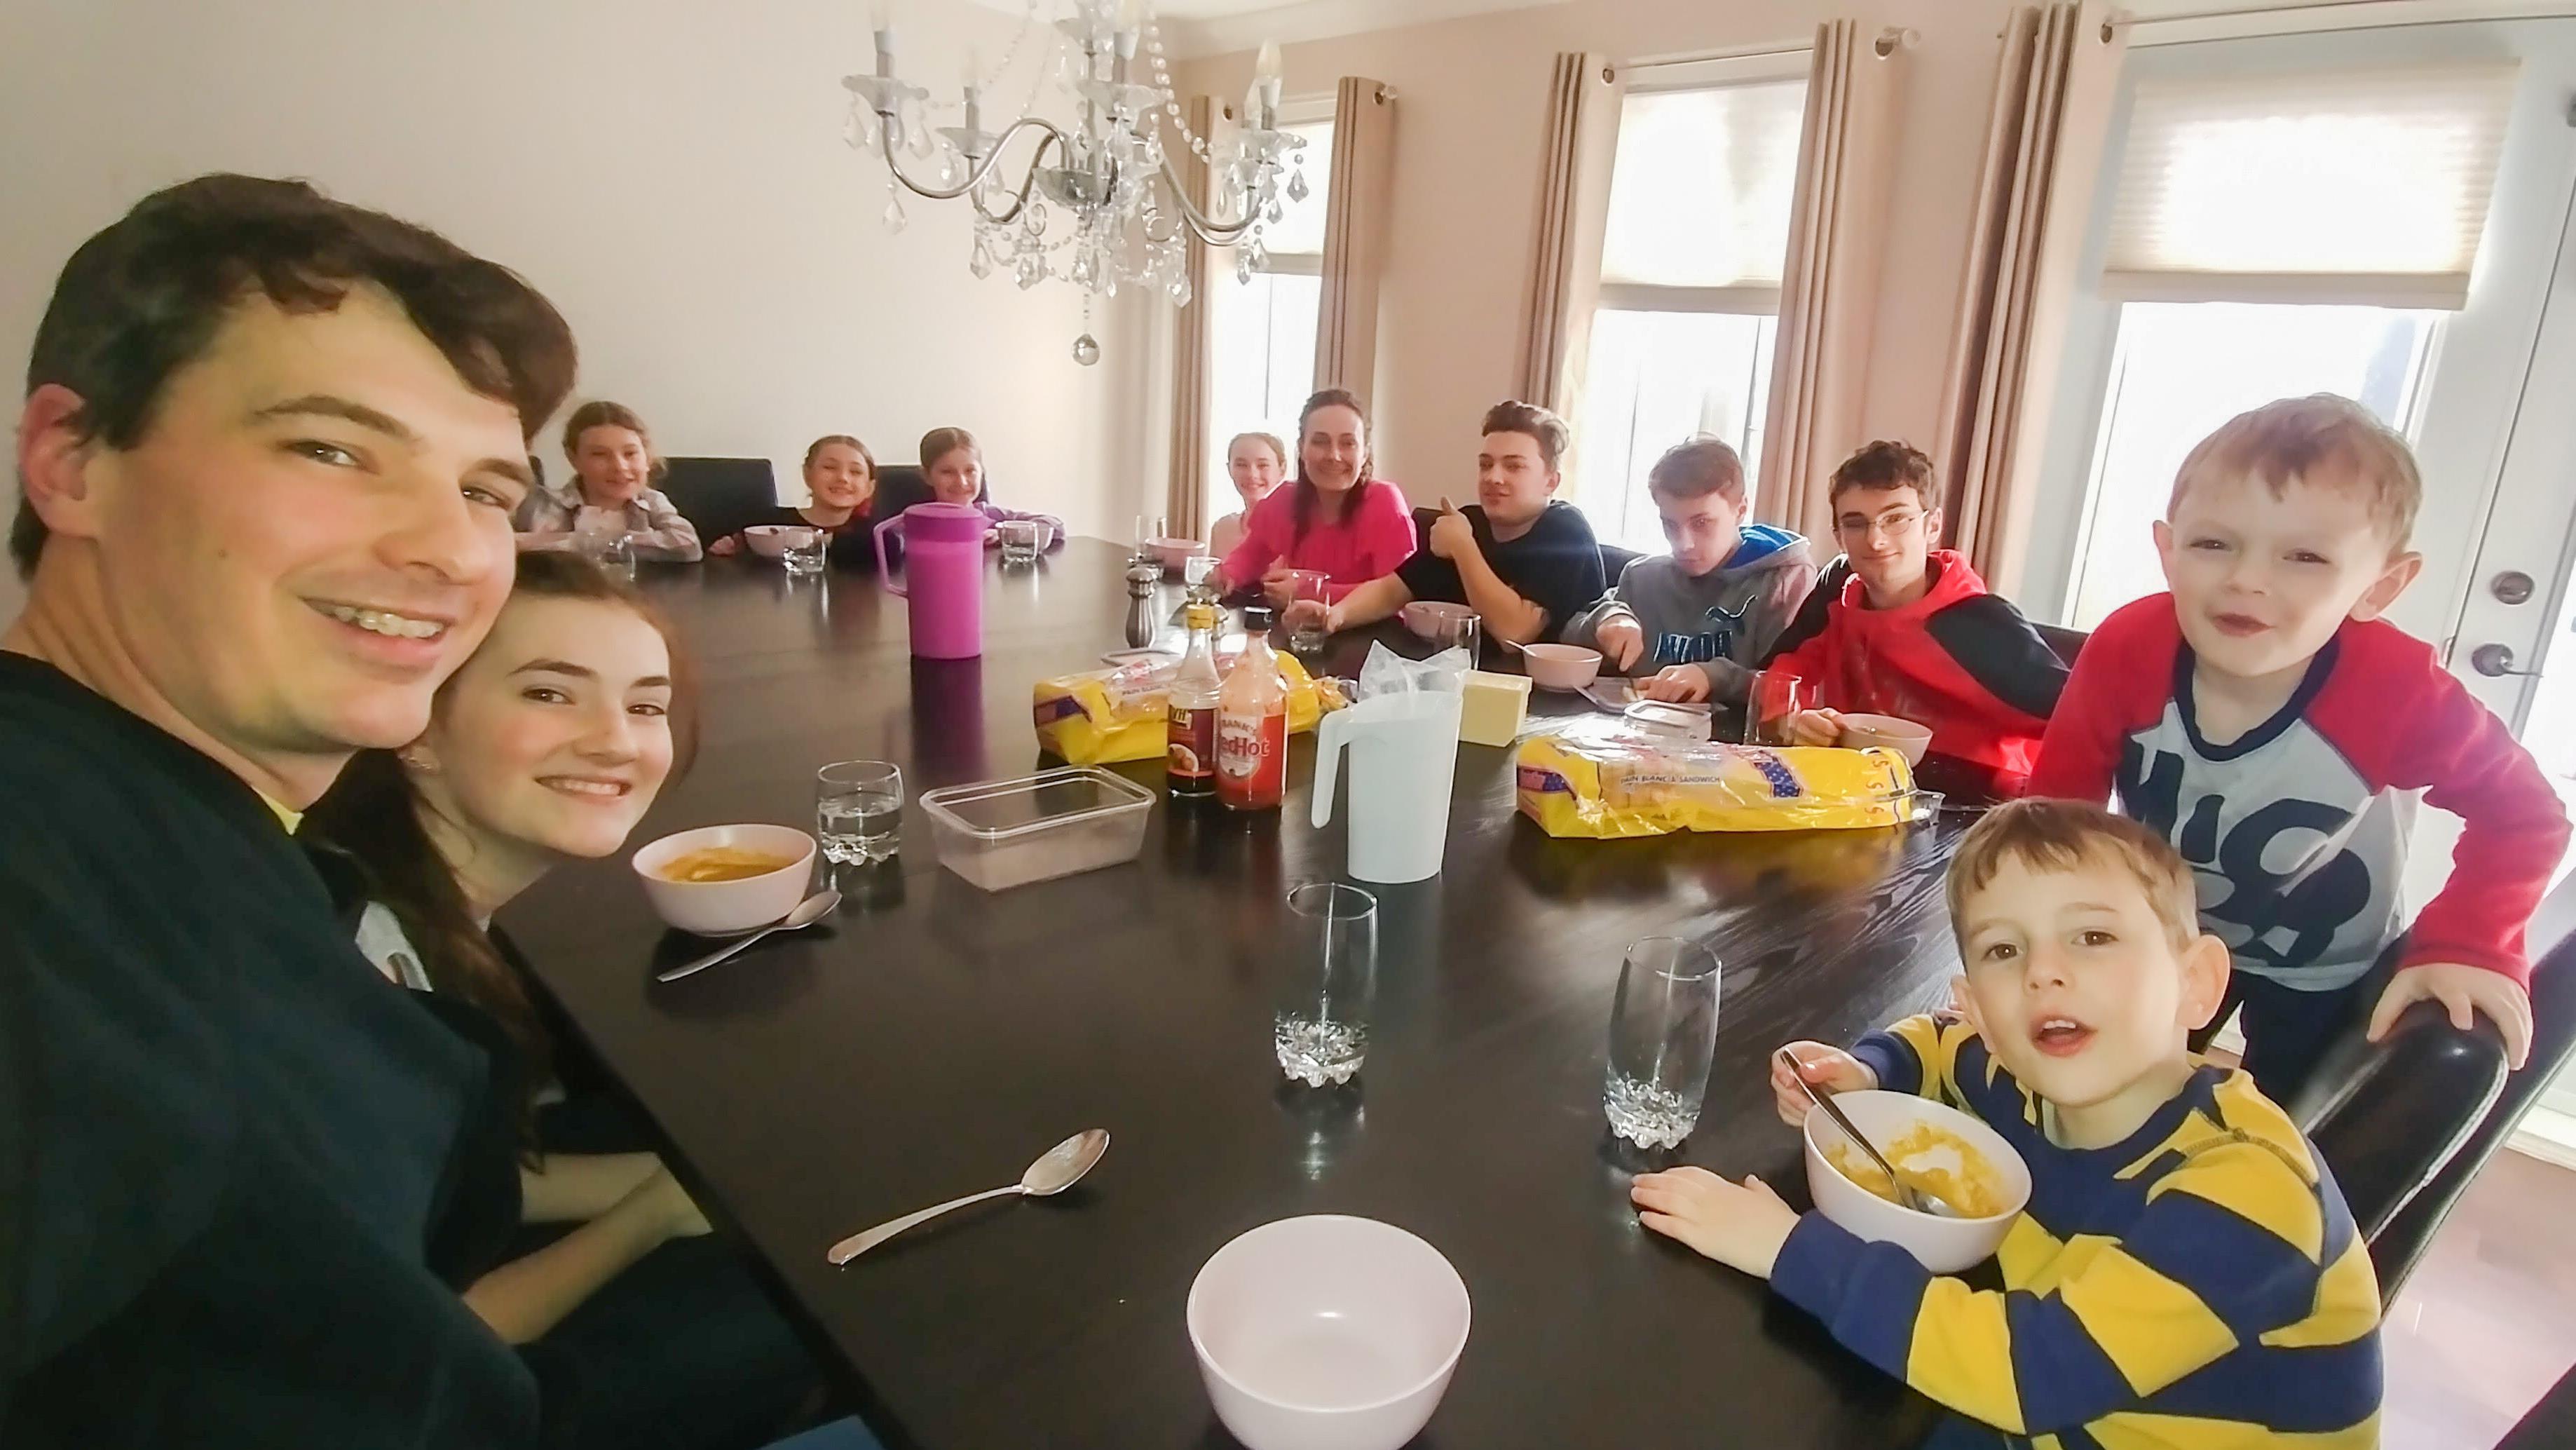 100 Fantastique Idées Repas D Été Pour Famille Nombreuse